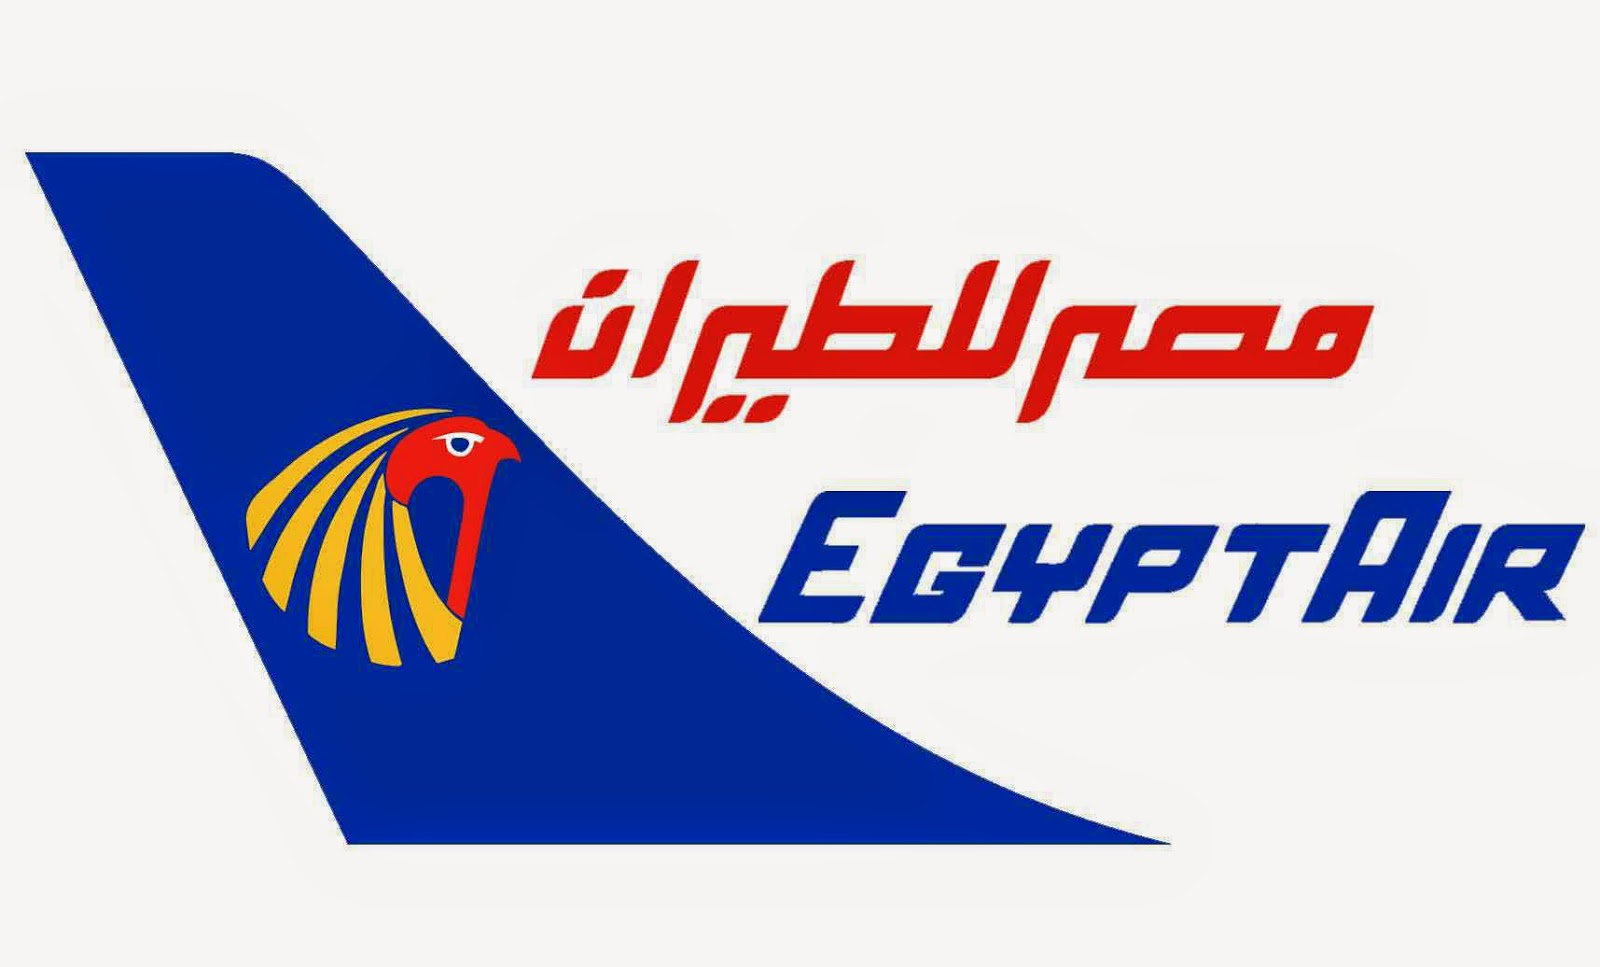 اسعار تذاكر الطيران من مصر الى السعودية 2017 حجز تذاكر طيران رخيصة الي السعودية